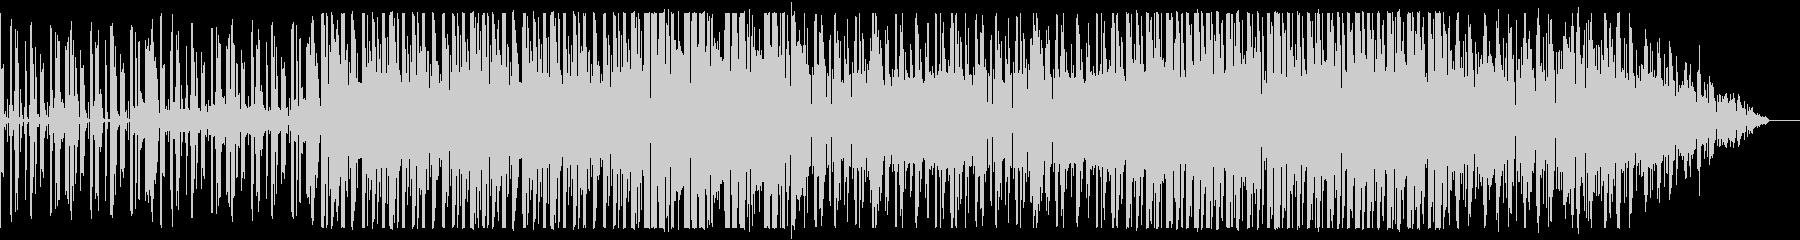 Electro Rock の2の未再生の波形